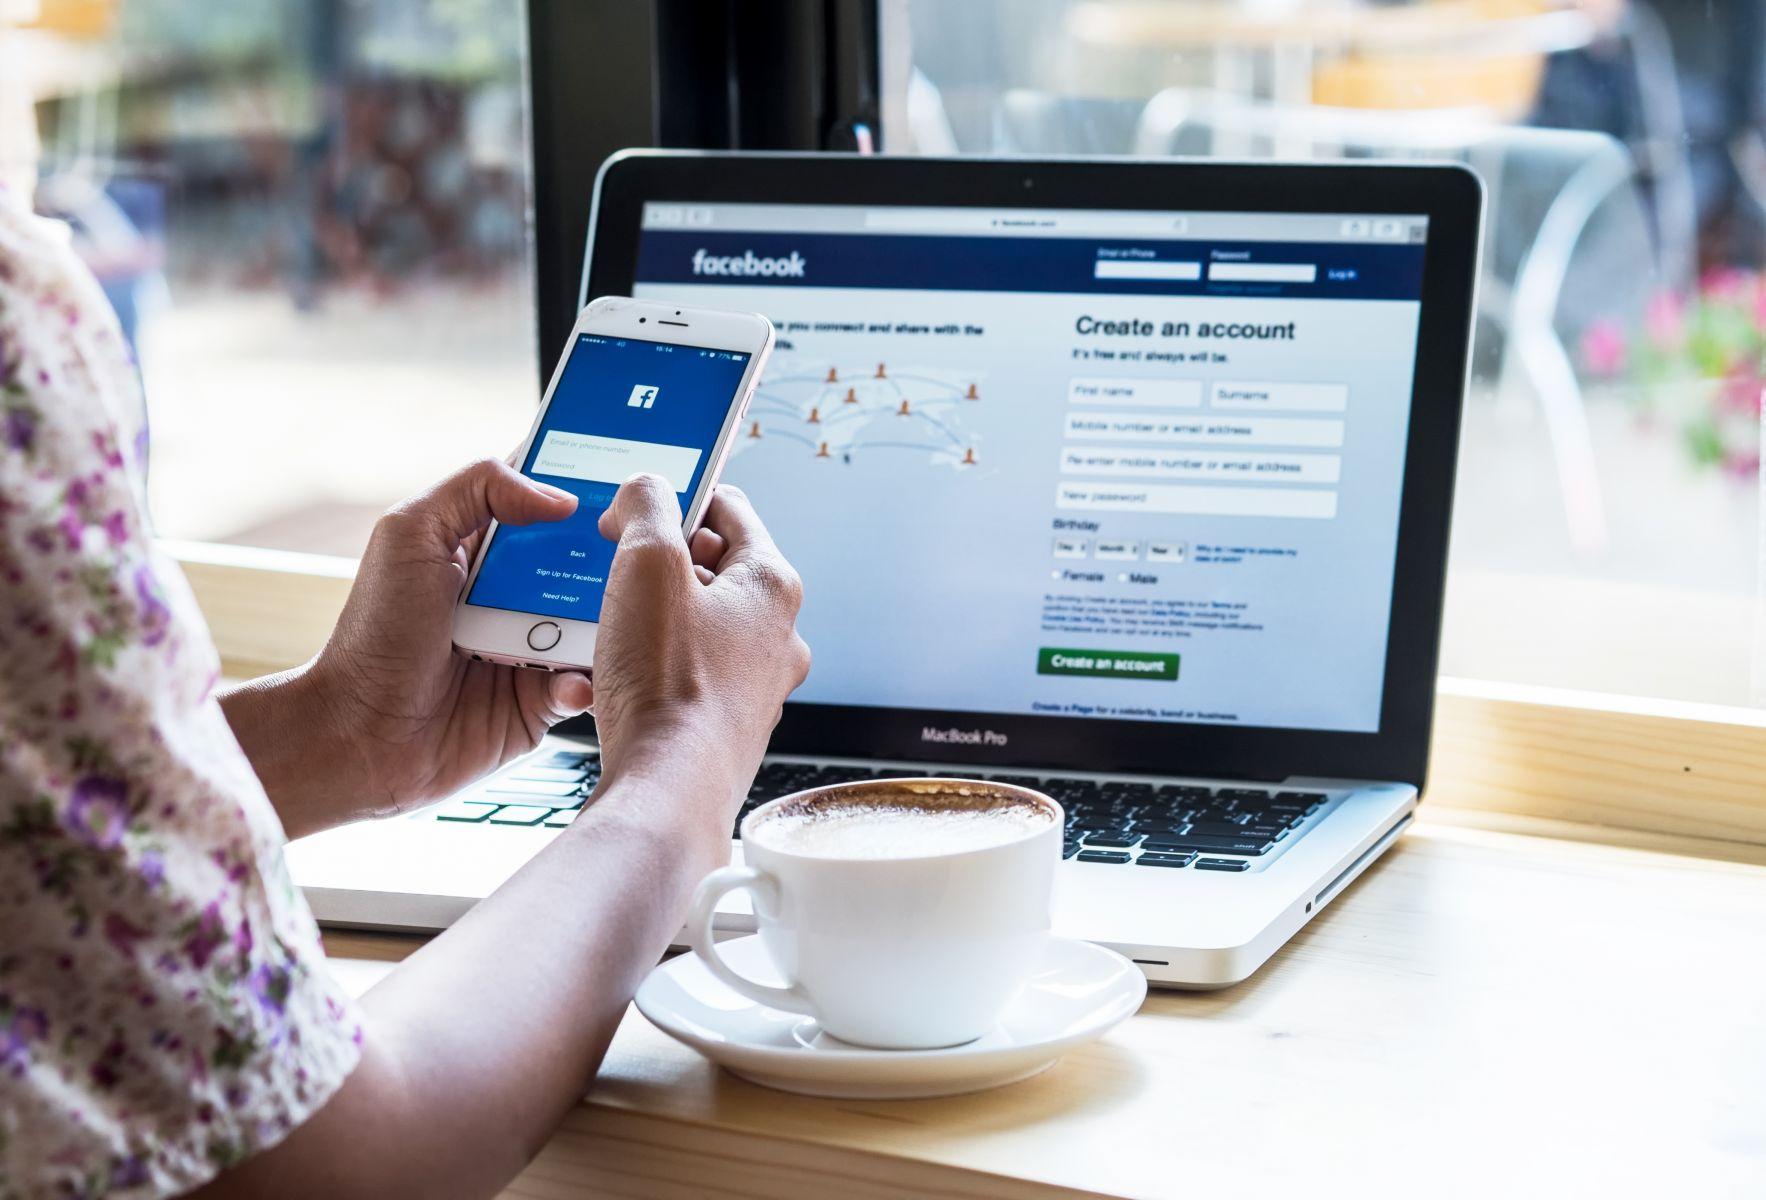 臉書軟體漏洞導致用戶私人動態訊息變為公開 1400萬人受影響